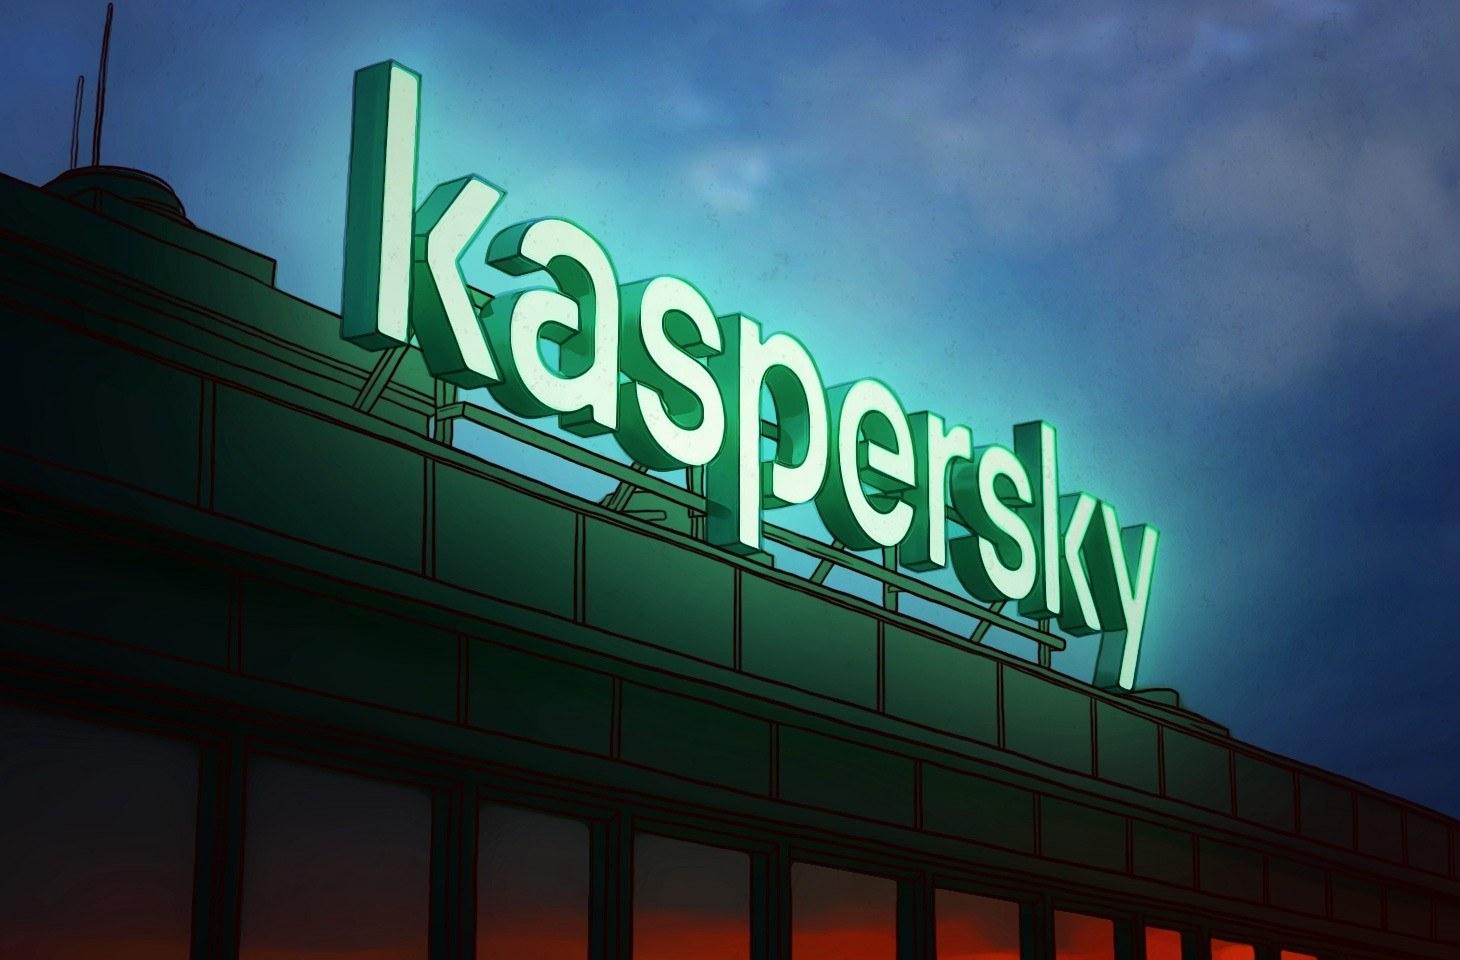 Kaspersky ürünlerindeki bir hatanın gözetleme için kullanılabileceğini duydum. Doğru mu?